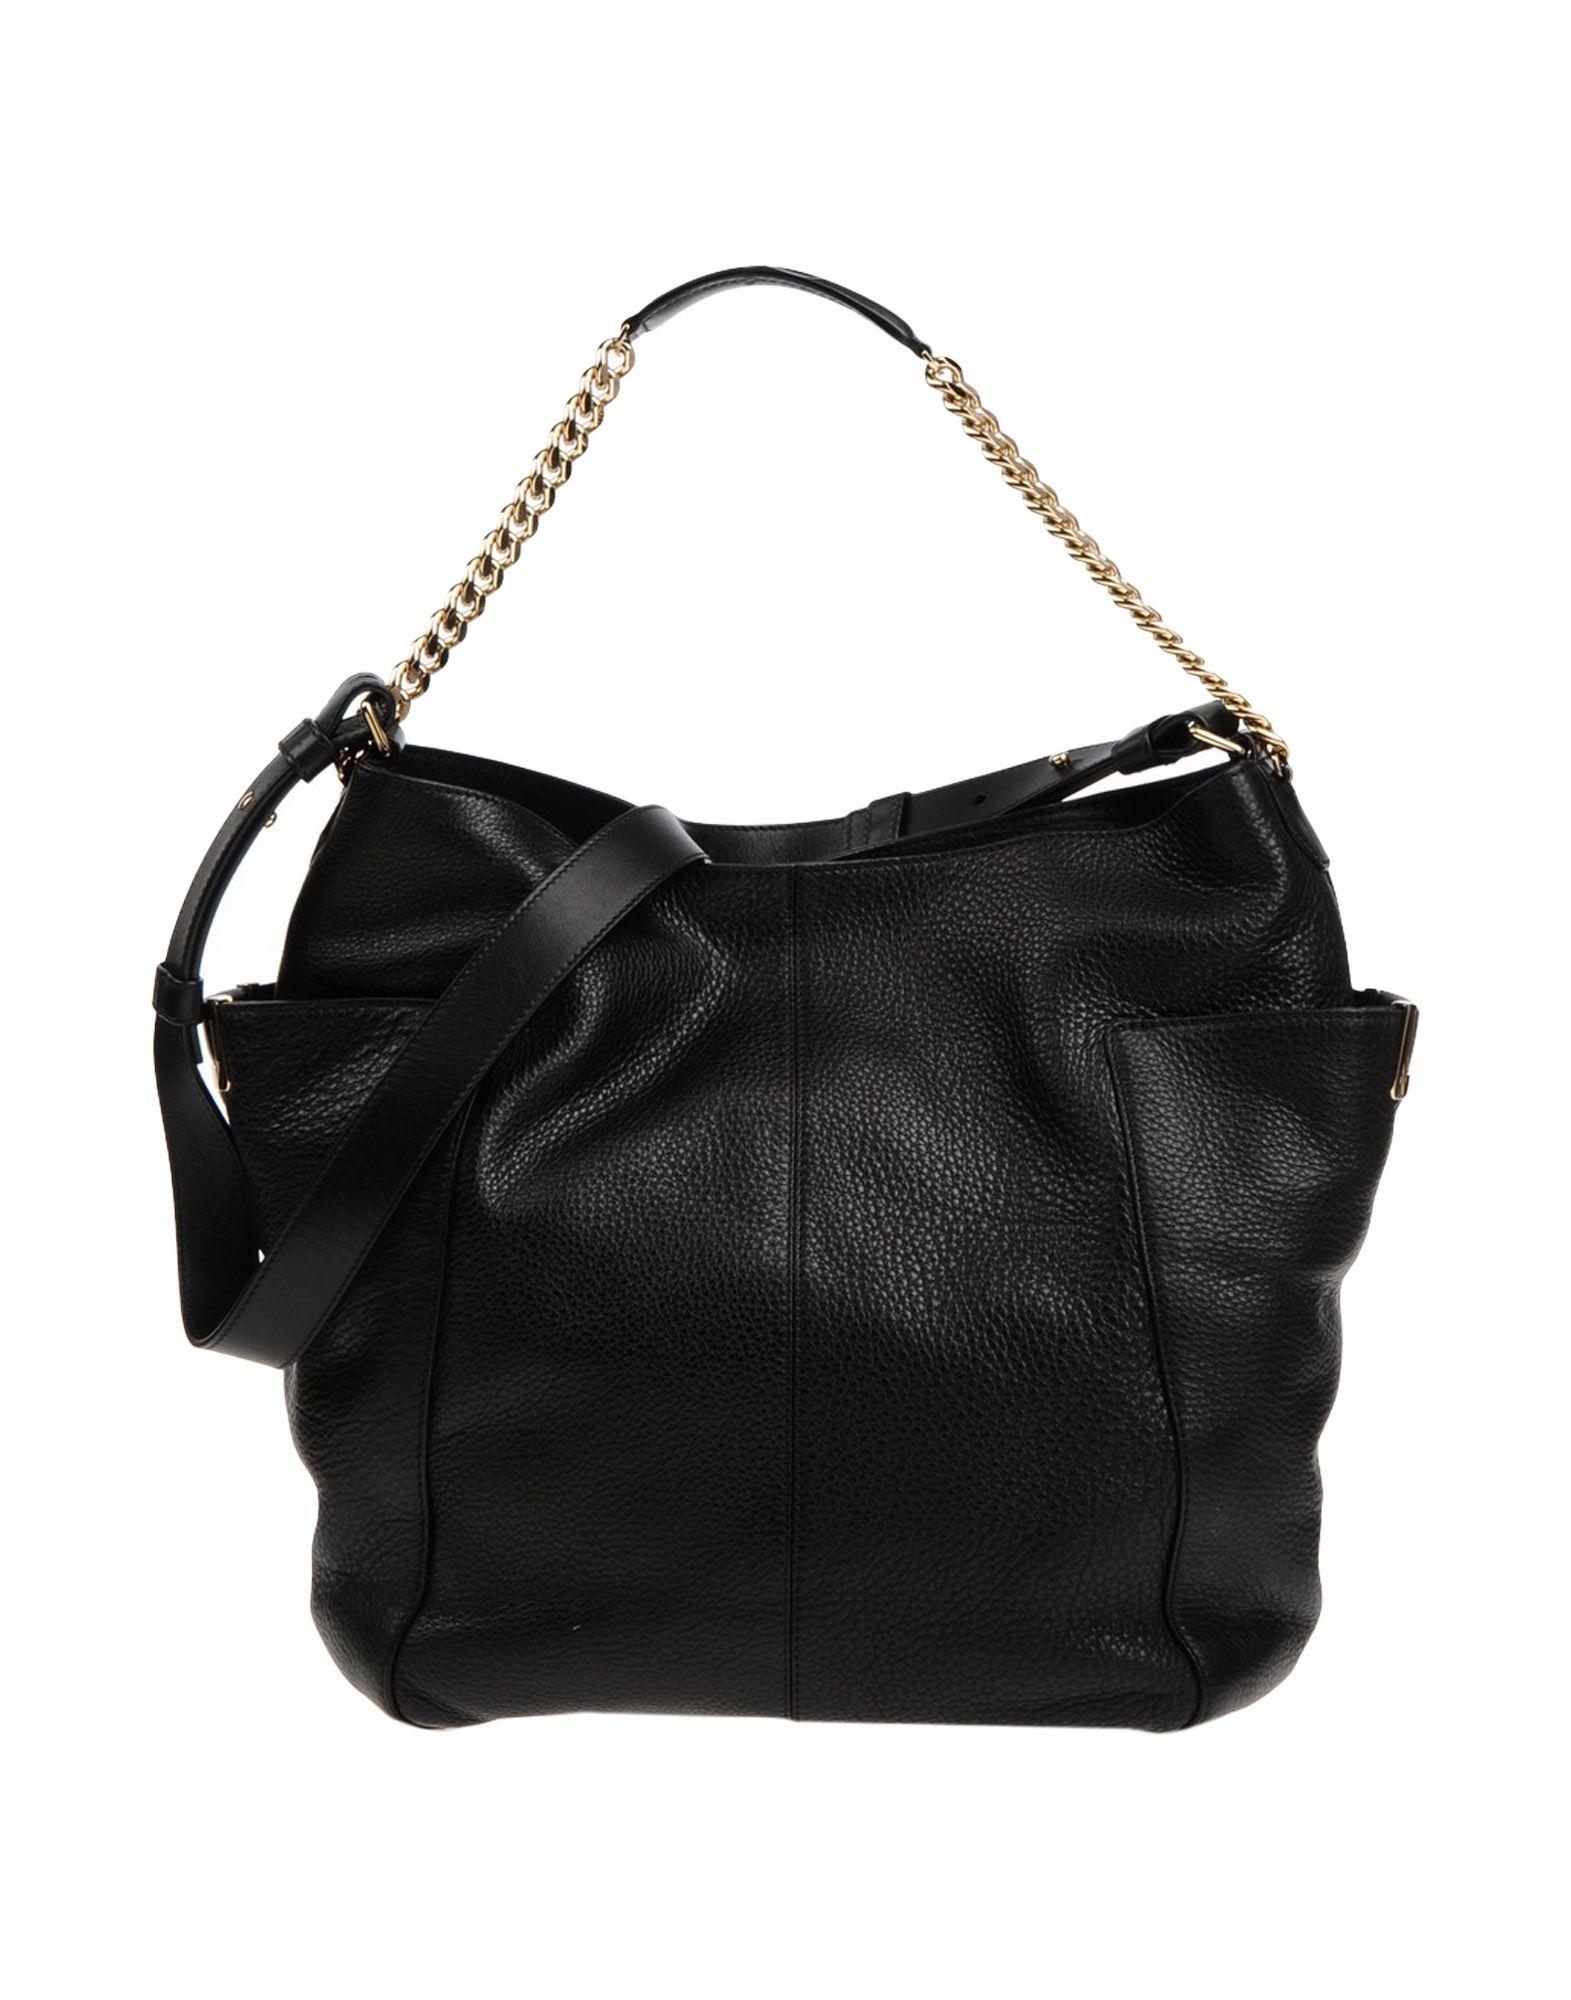 JIMMY CHOO Сумка на плечо сумка jimmy choo fc150417 hk 15 boho